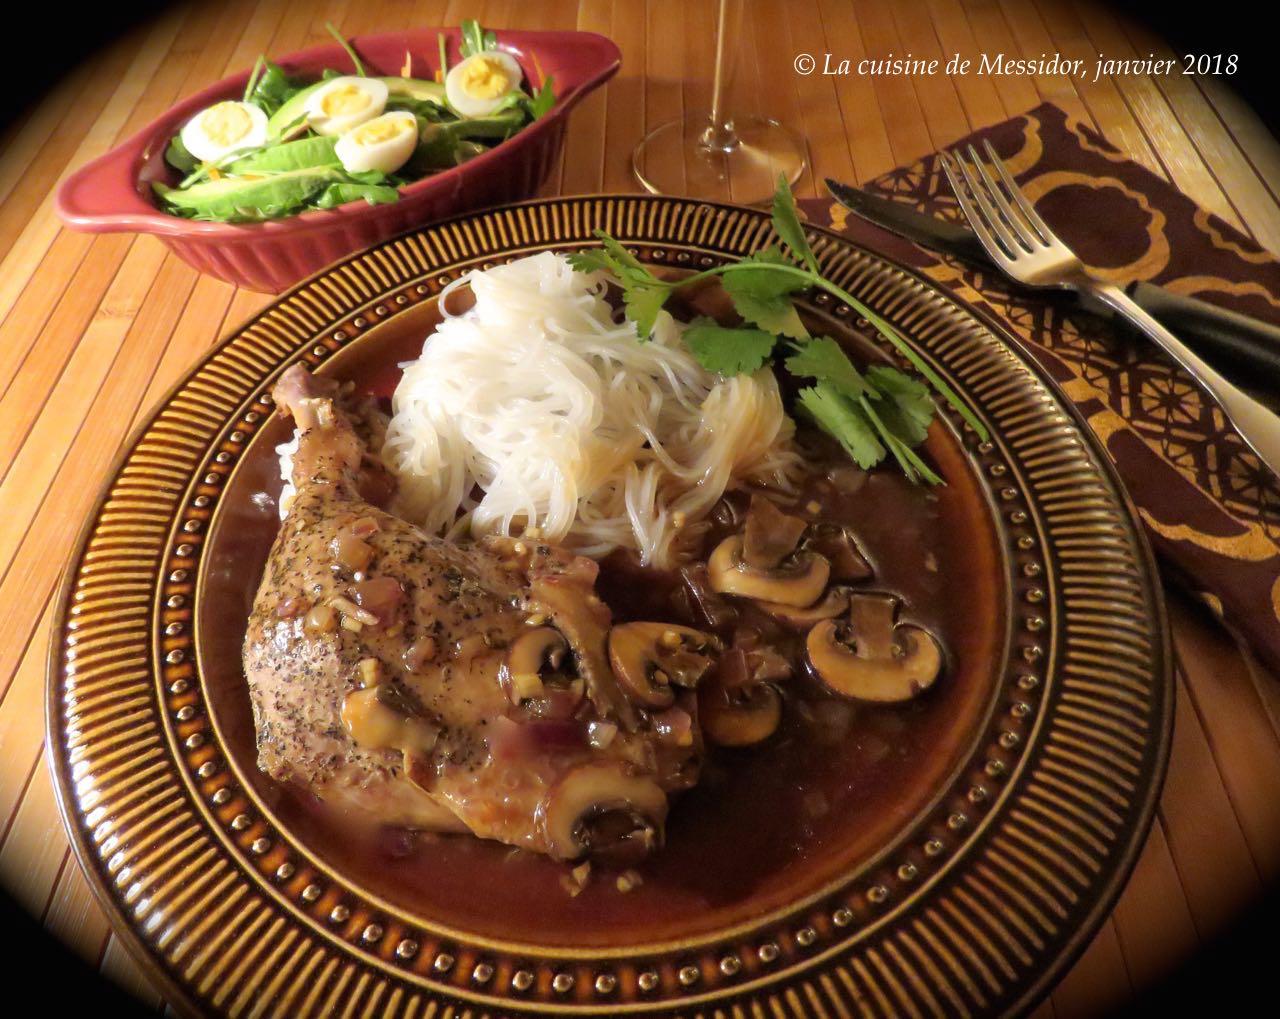 La cuisine de messidor cuisses de canard confites sauce la japonaise - Cuisse de canard en sauce ...